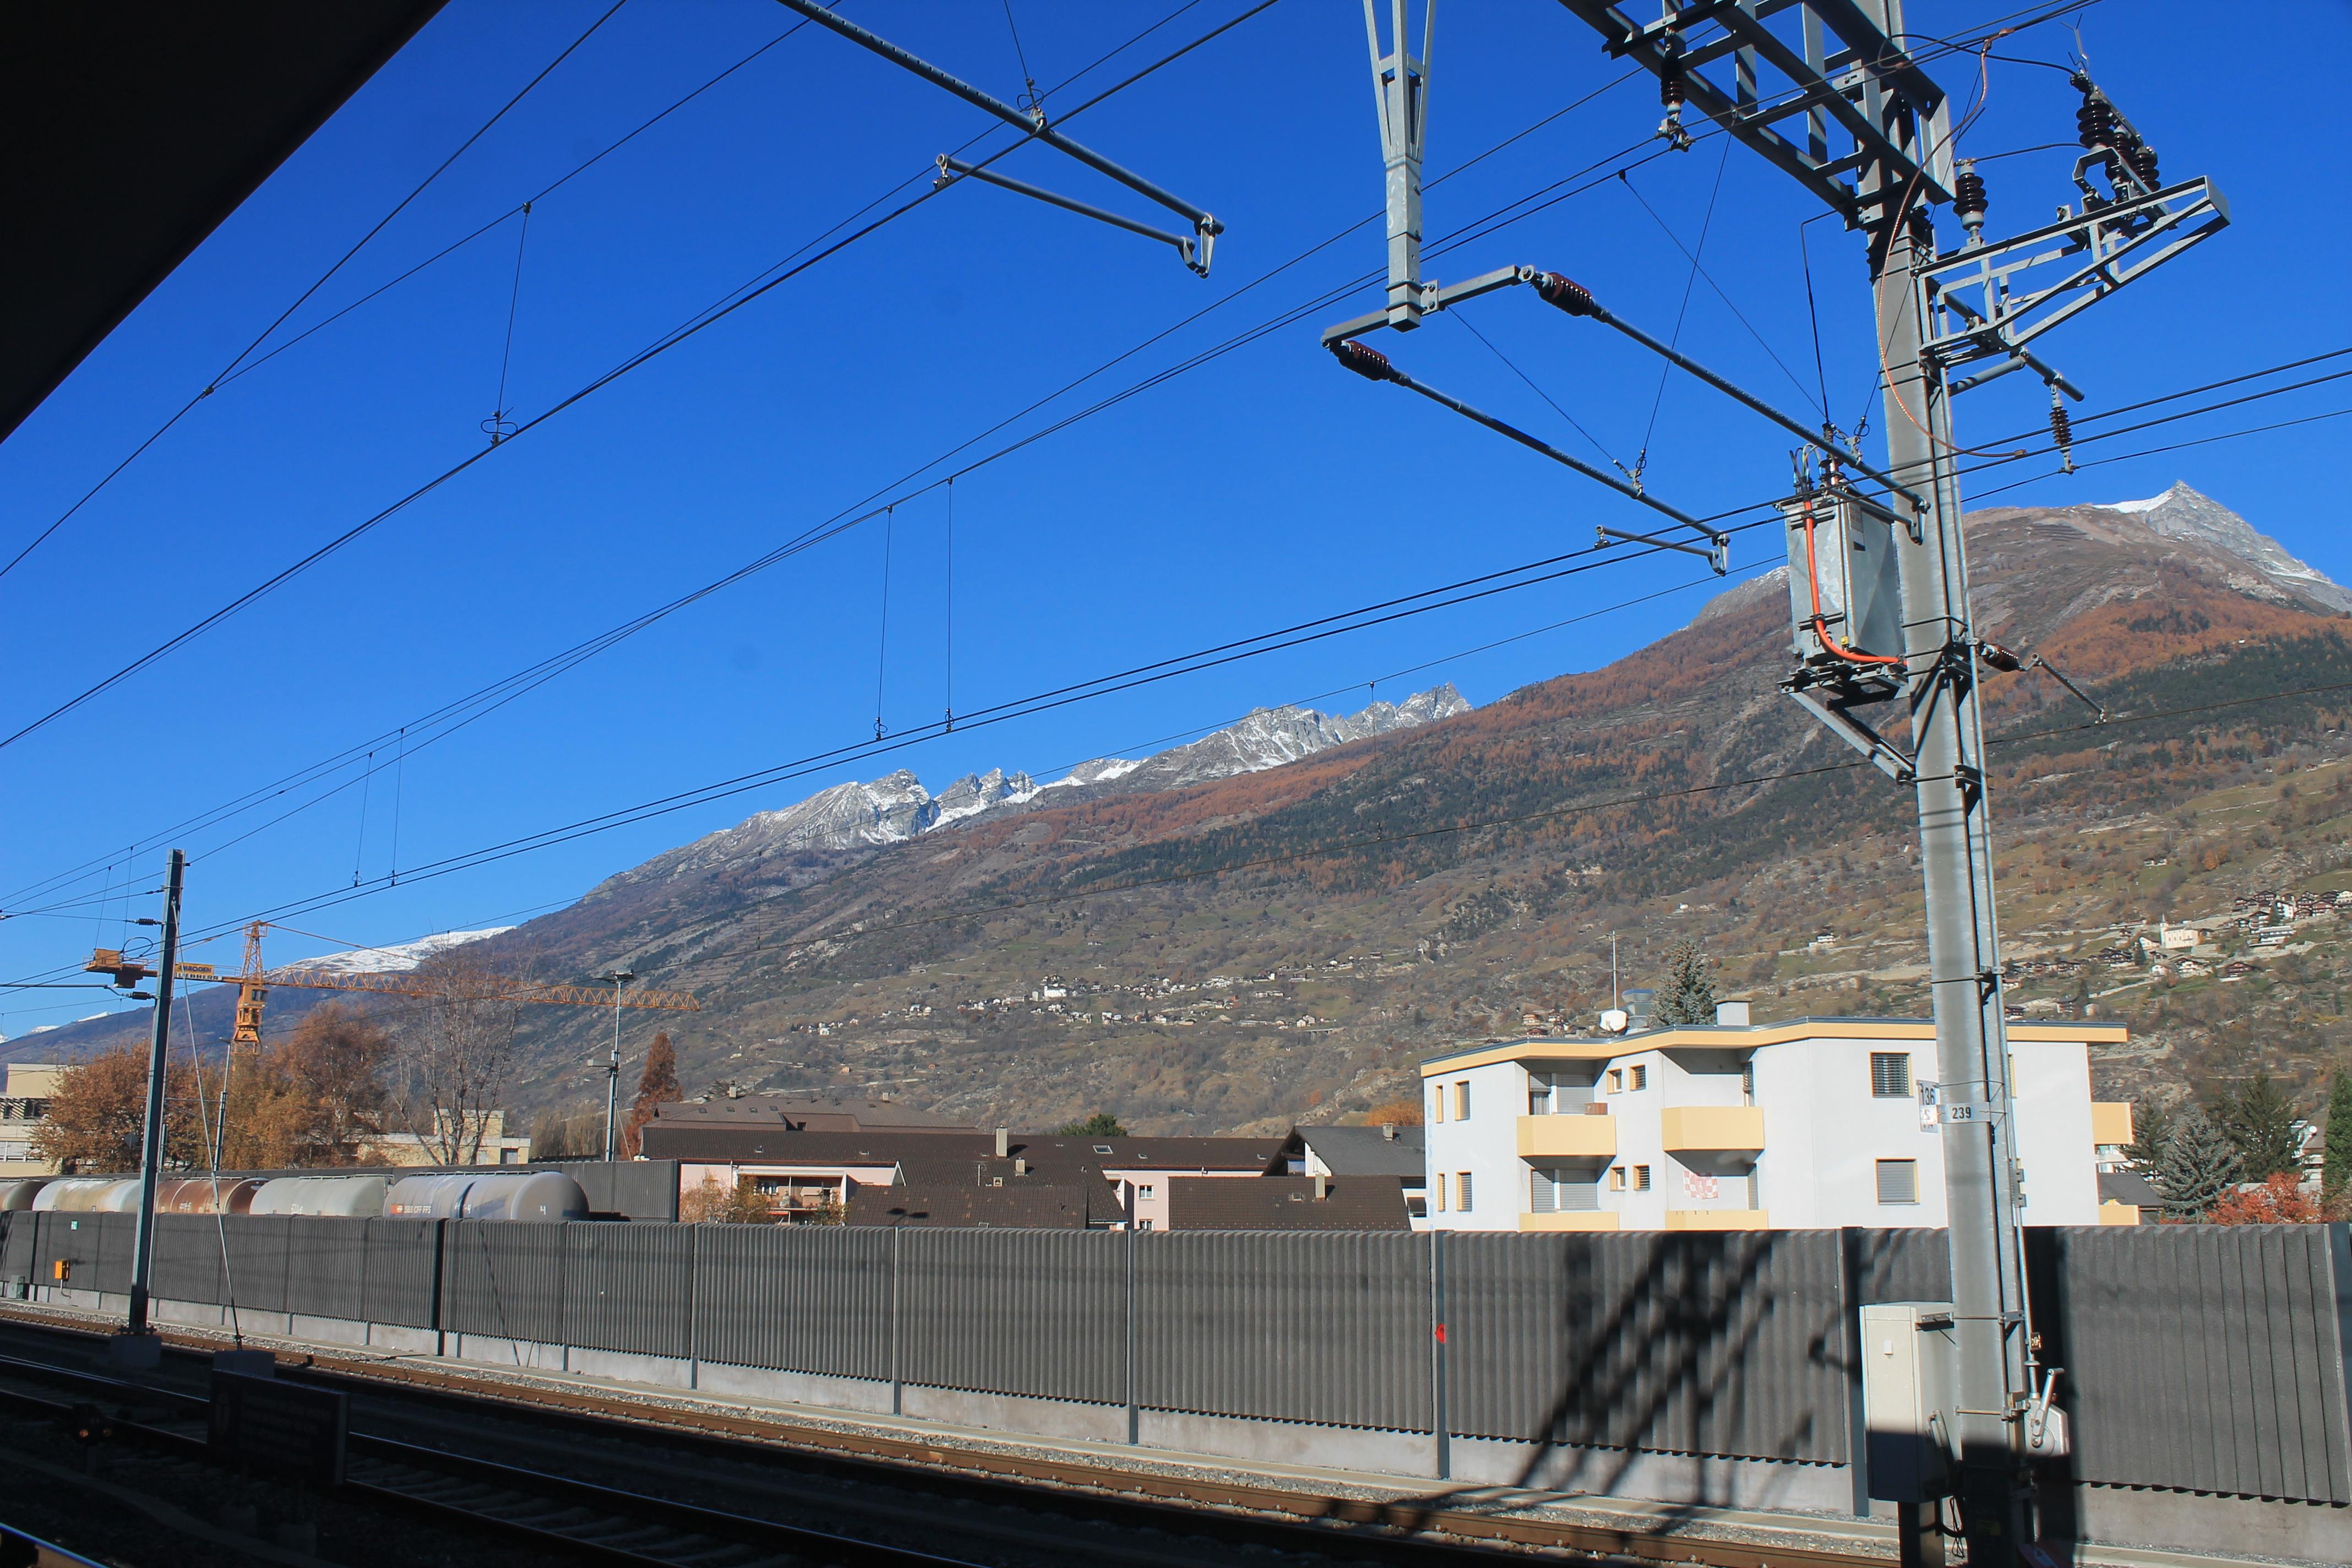 Cómo llegar a Zermatt en tren; conexión en Visp